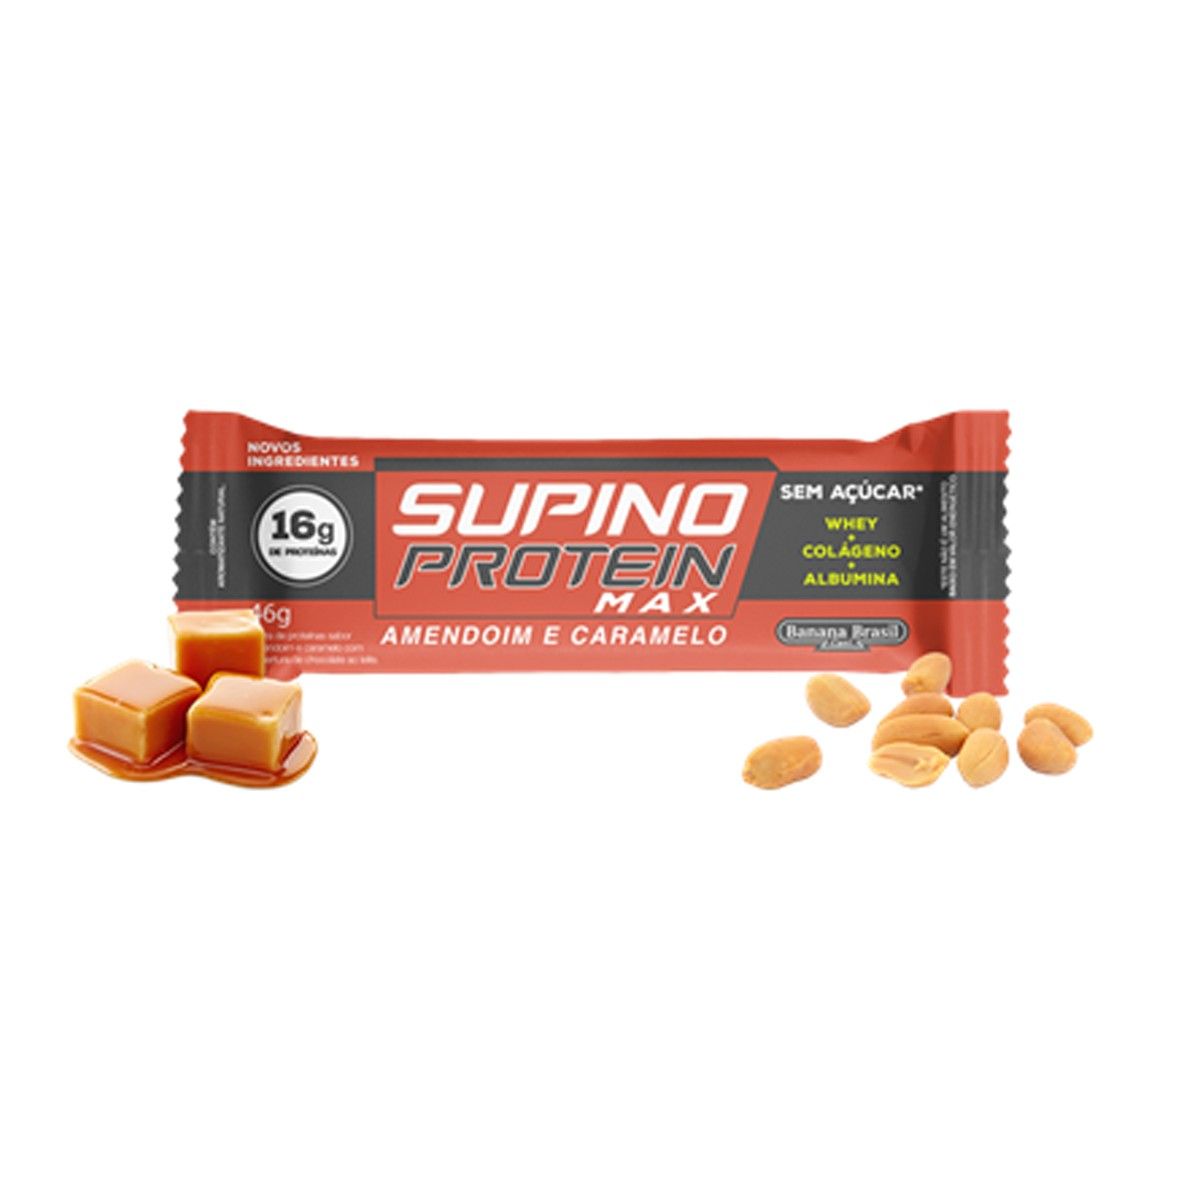 Supino Protein sabor Amendoim e Caramelo 46g - Banana Brasil